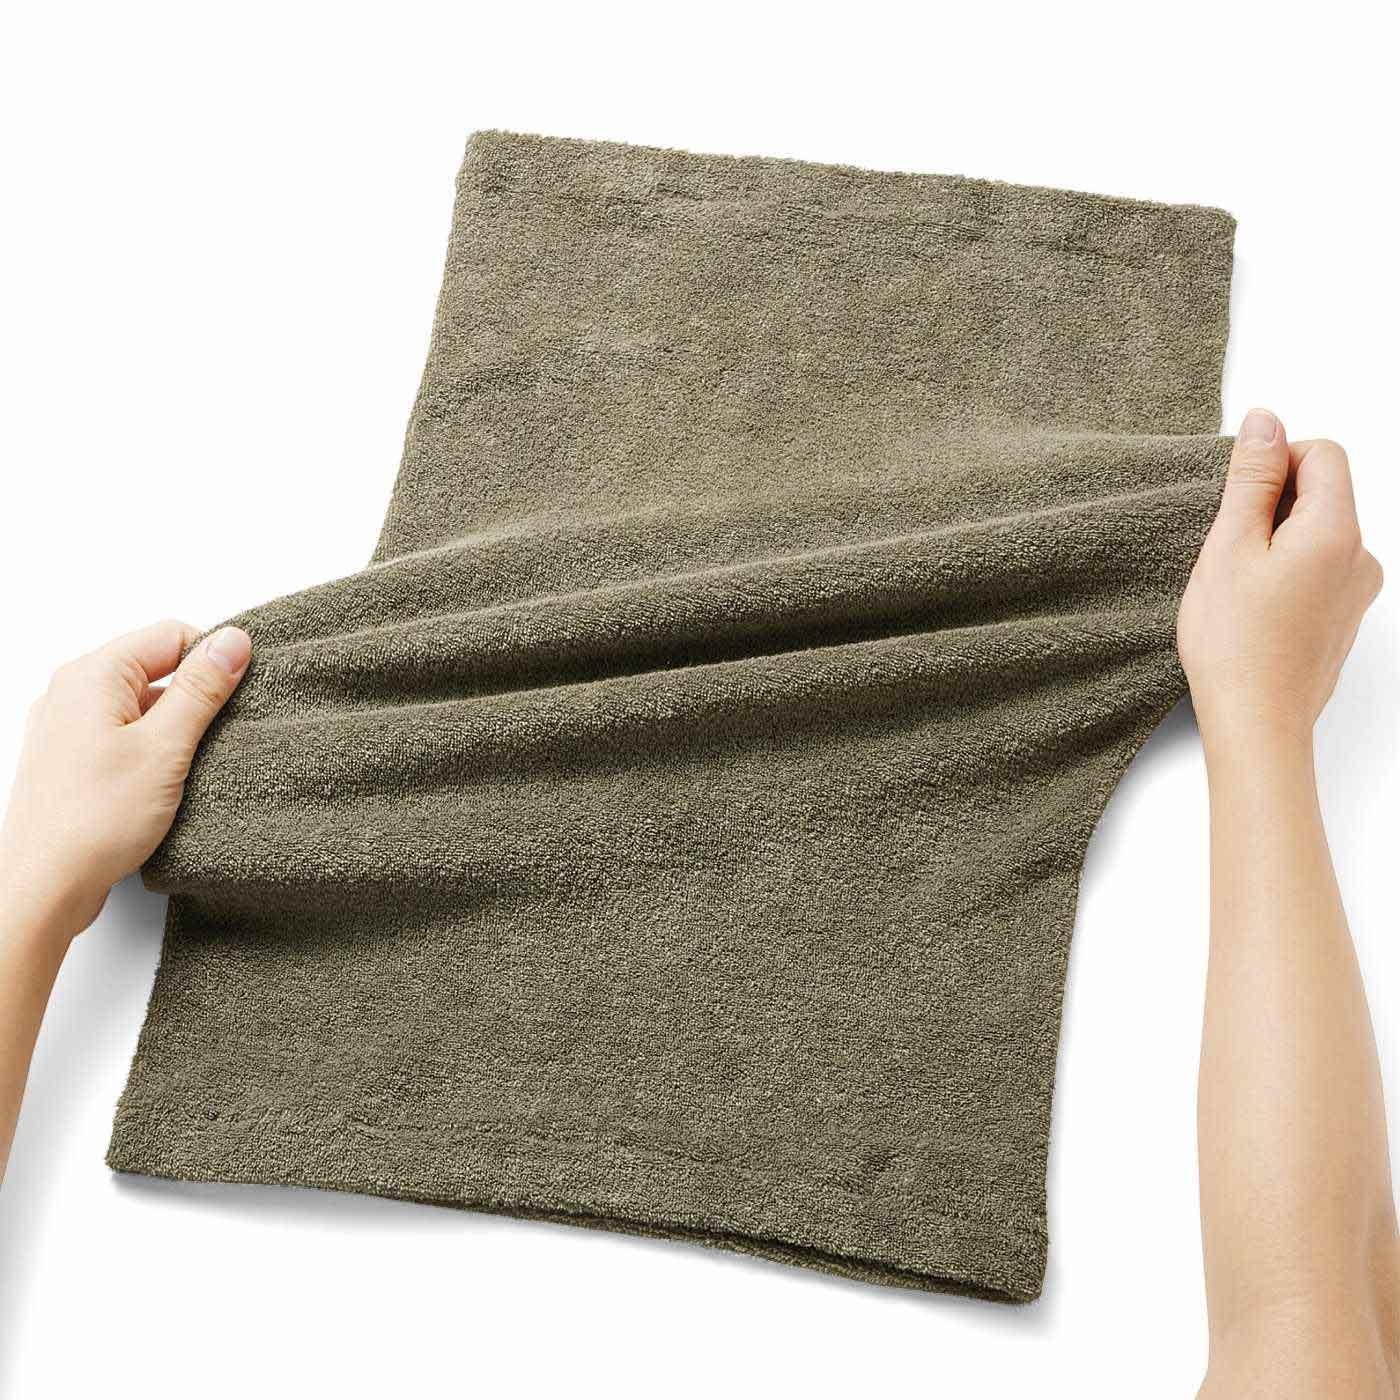 よく伸びて大きめの枕にもフィットします。